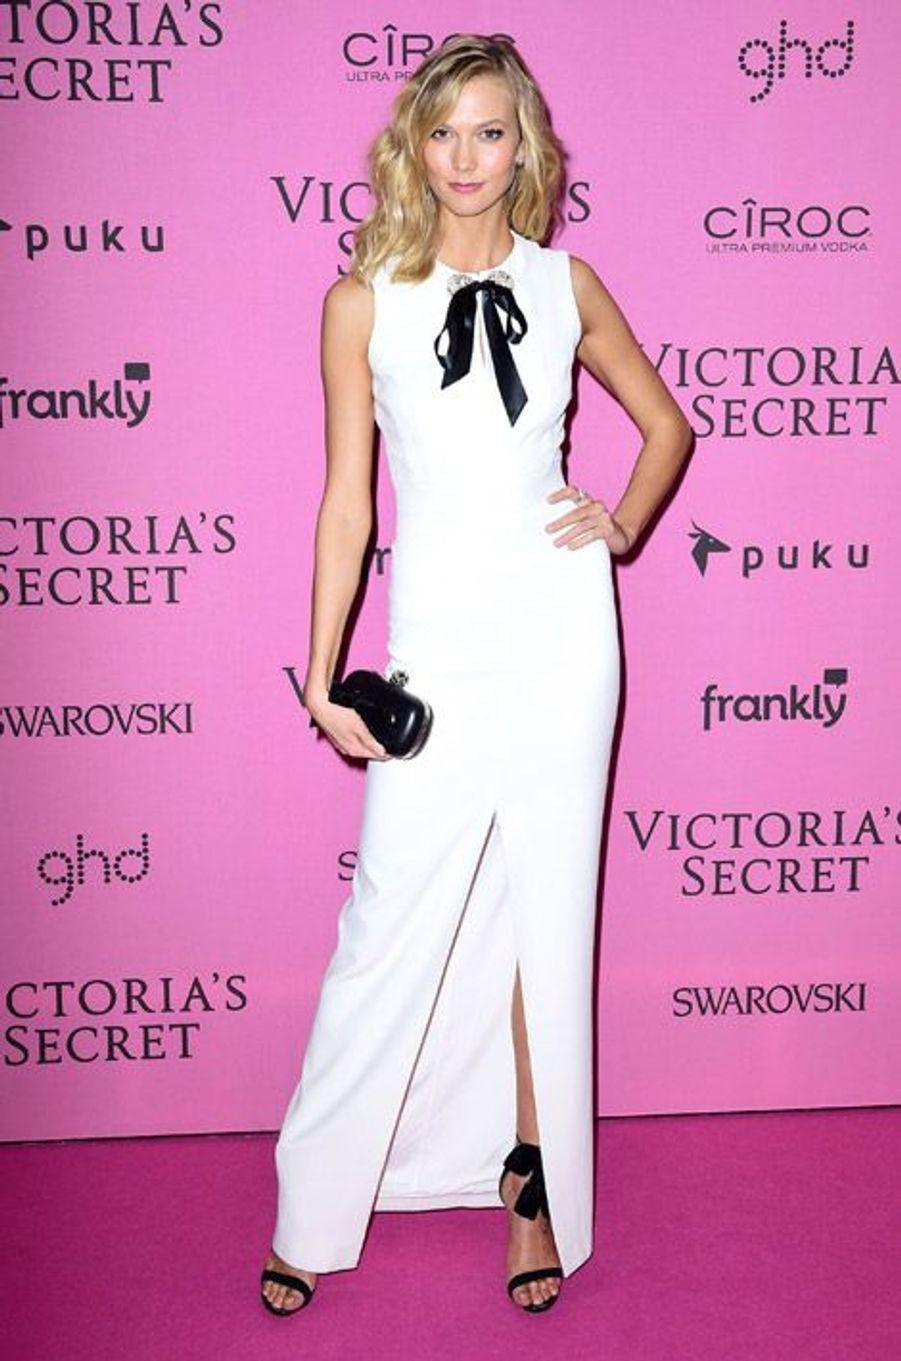 Le mannequin Karlie Kloss en Alexander McQueen à Londres le 2 décembre 2014 après le show Victoria's Secret